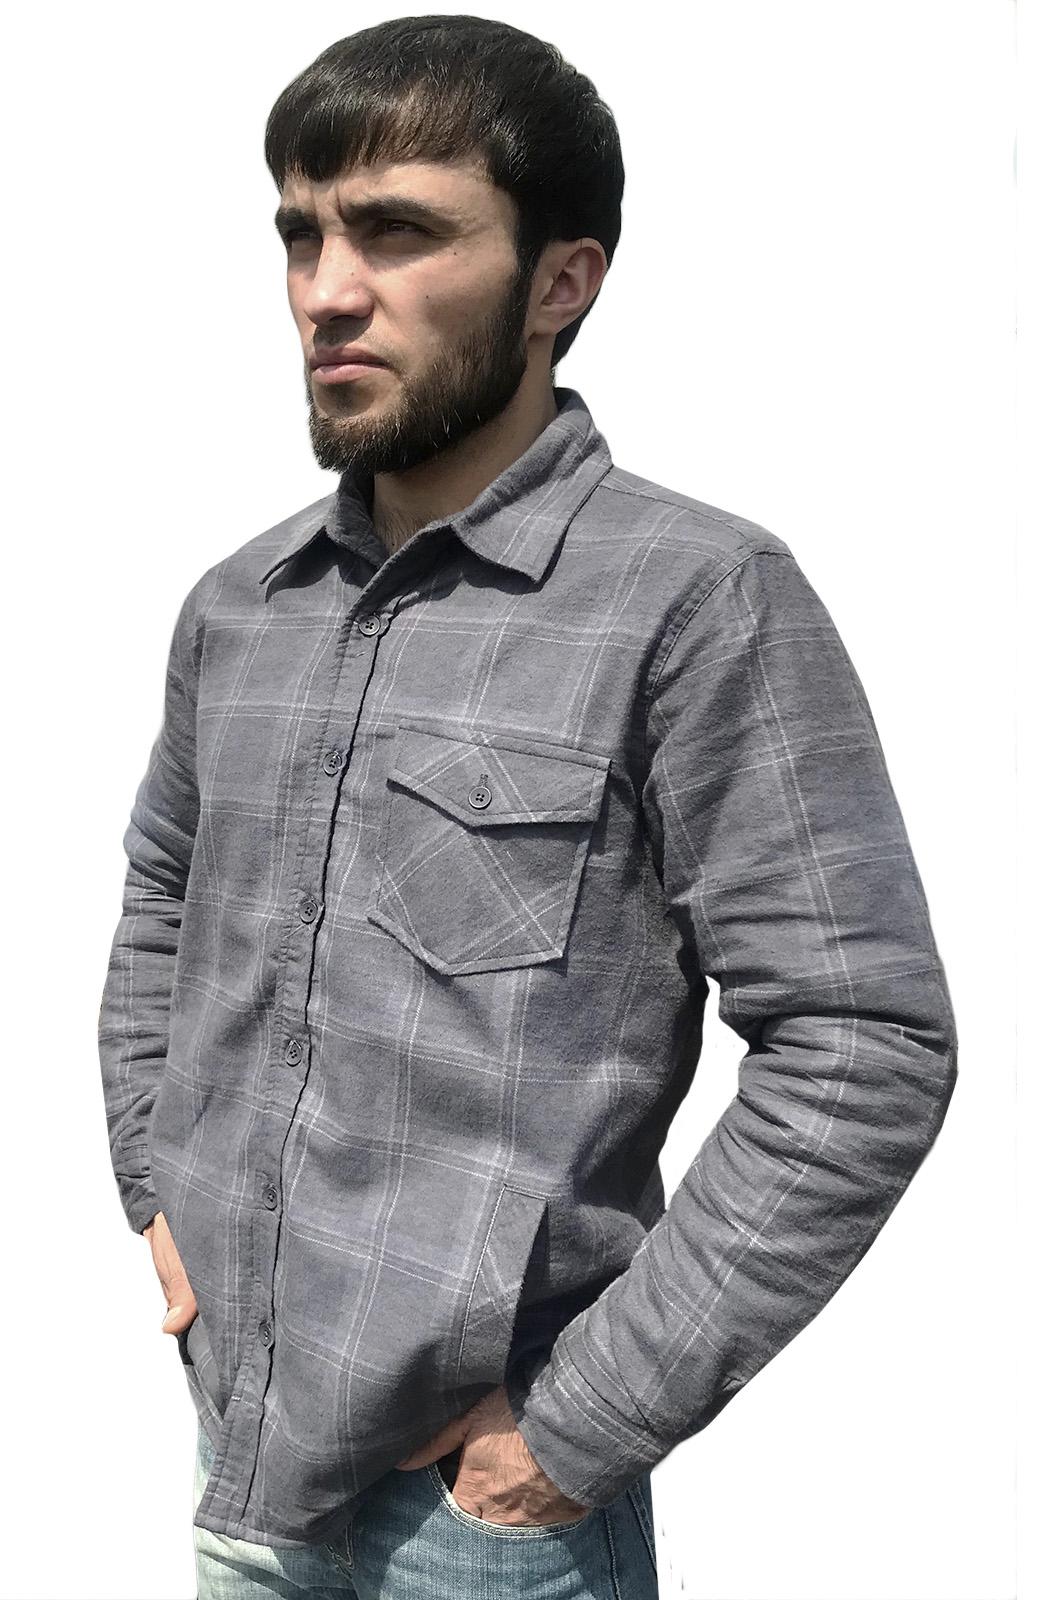 Клетчатая рубашка с эмблемой 5 ОБрСпН ГРУ купить в подарок